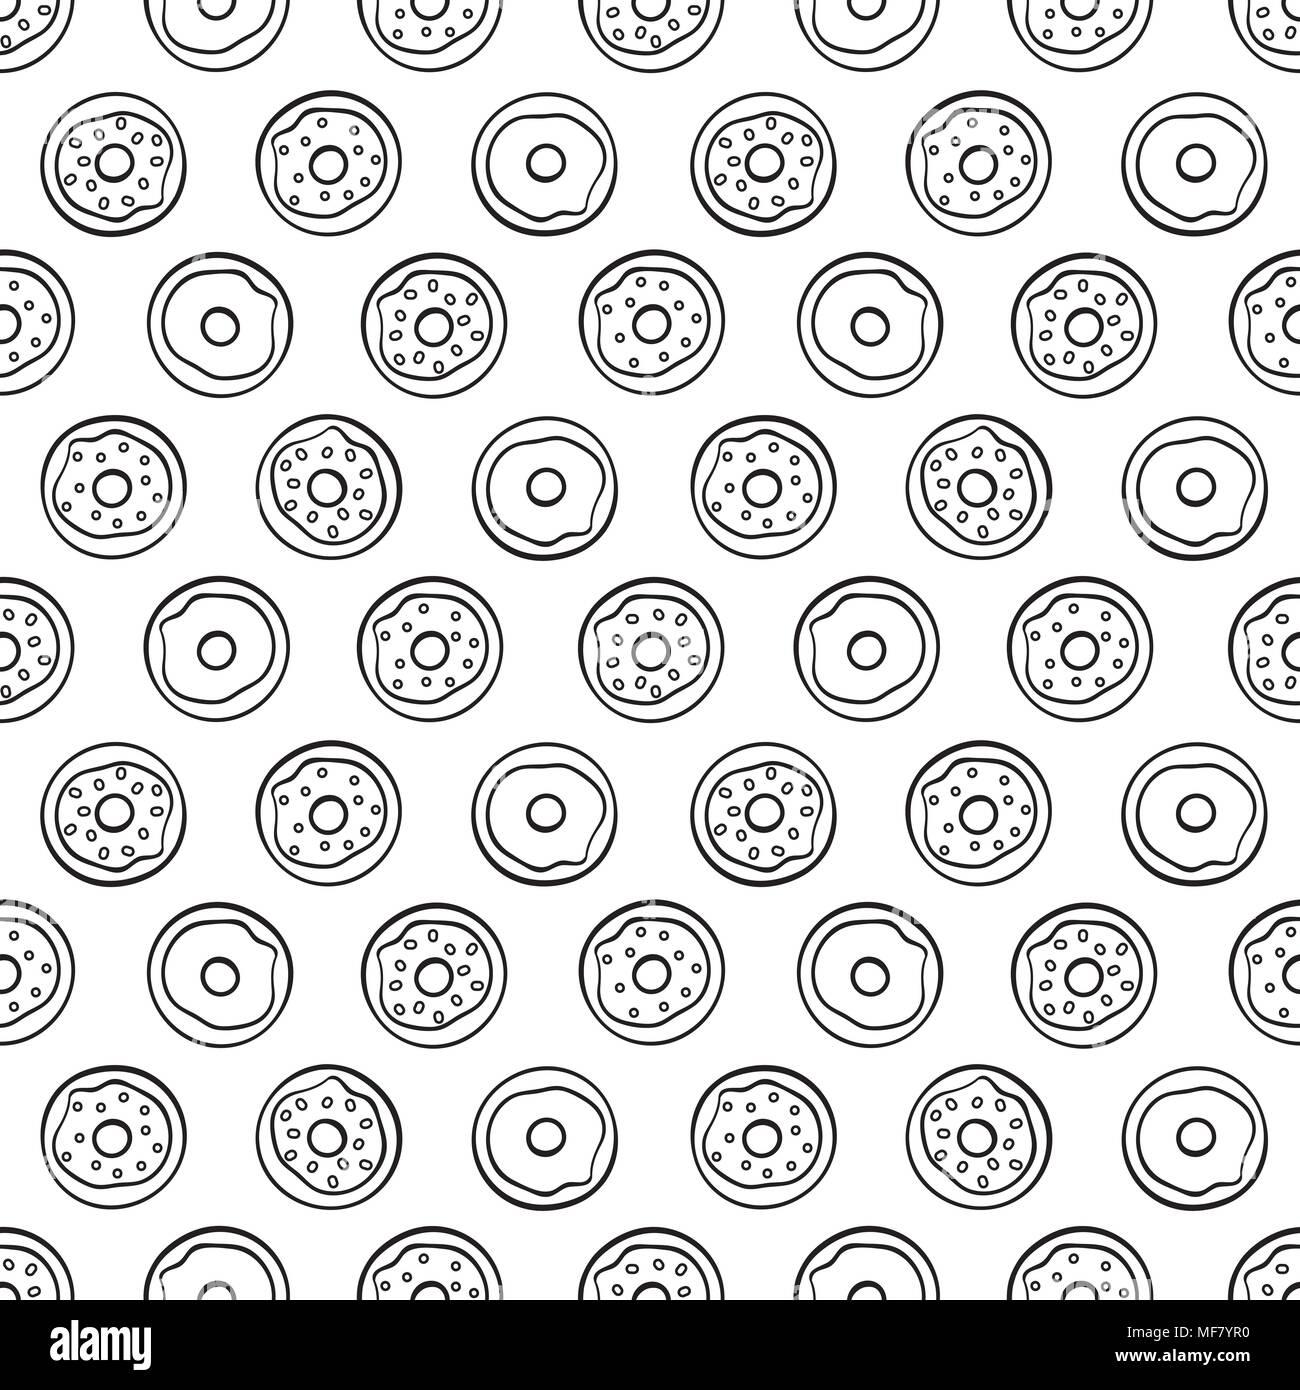 Cute Dibujos Animados Donuts Sobre Fondo Blanco Patrón Sin